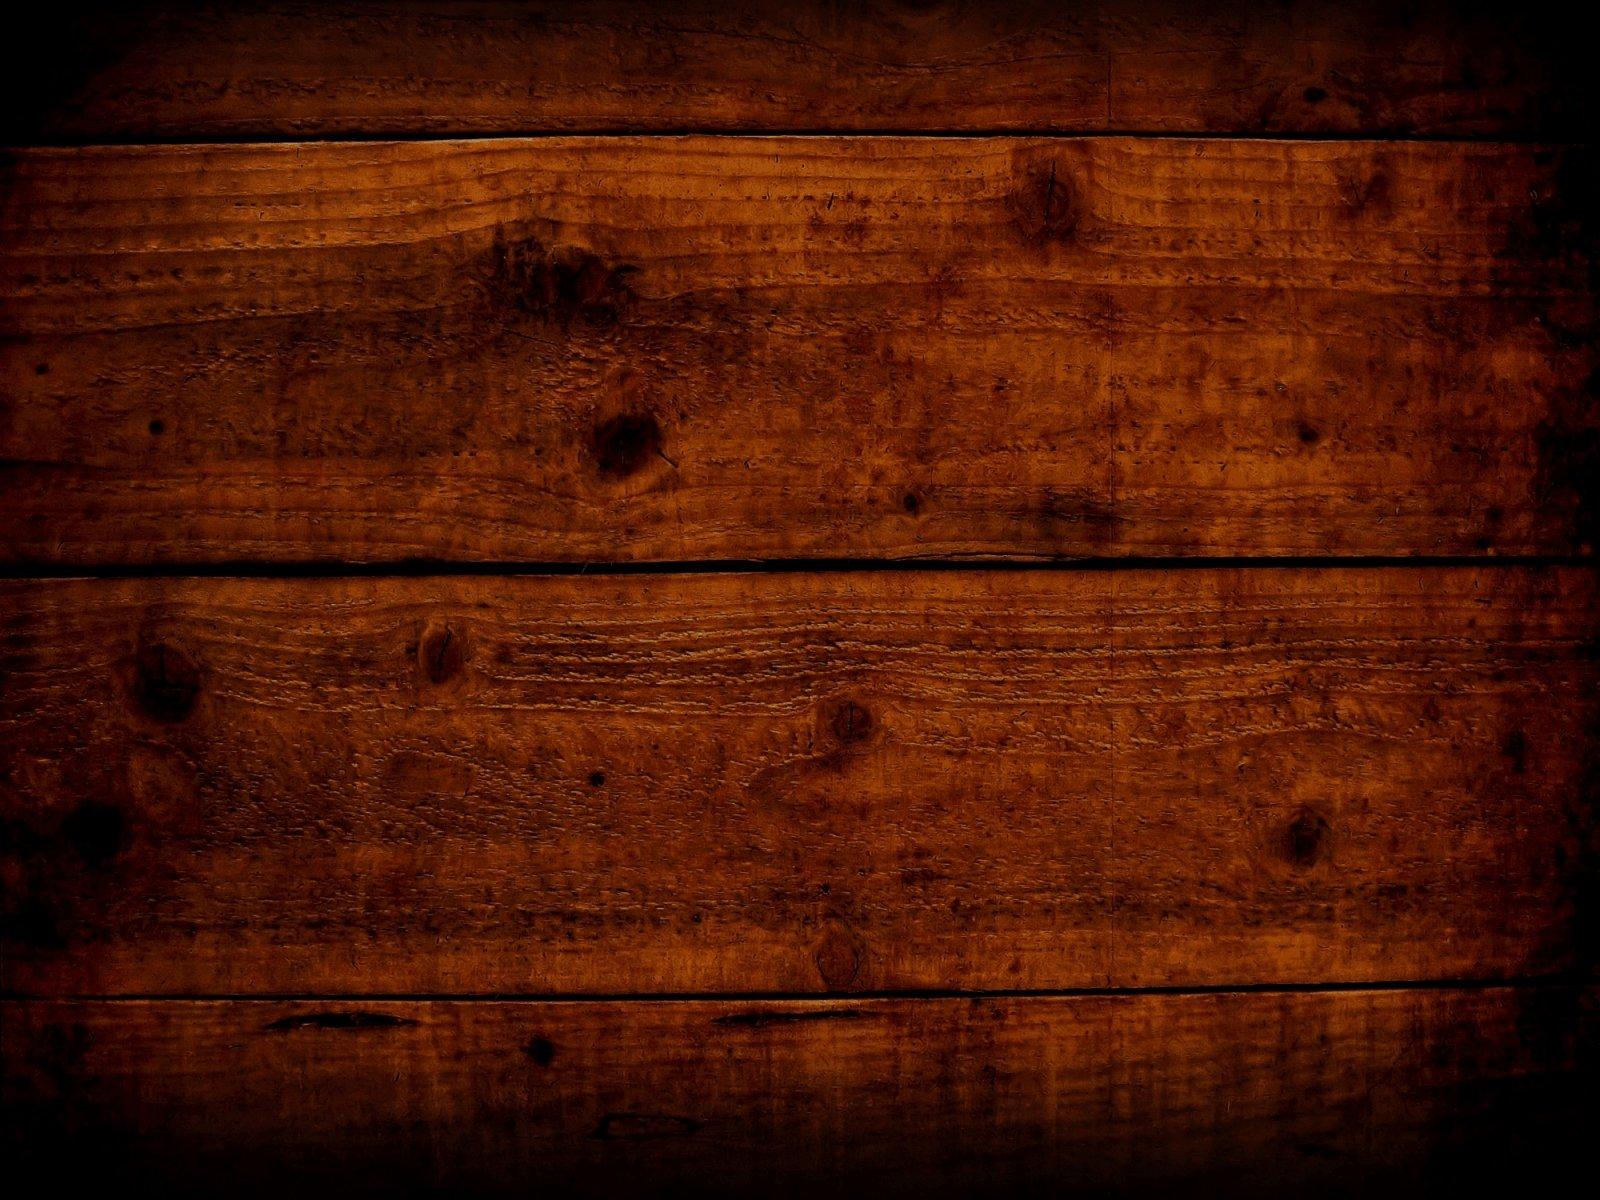 Bro Code Beer Hd Wallpaper: Busch Beer Wallpaper